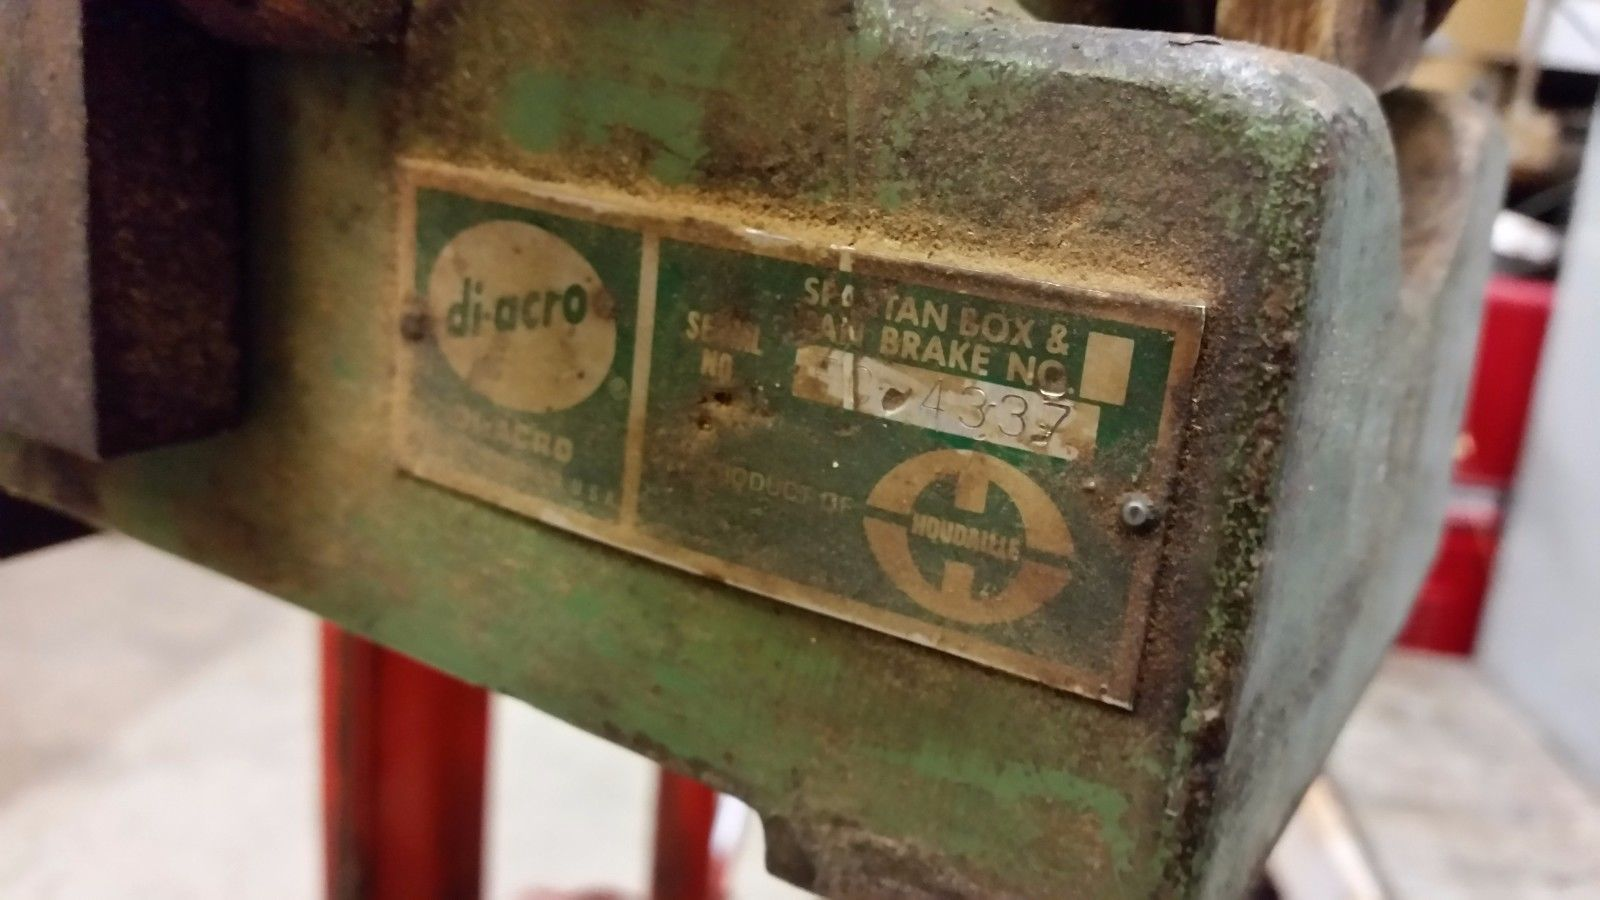 """DI ACRO 24"""" 16 GAUGE BOX AND PAN FINGER BRAKE DIACRO"""